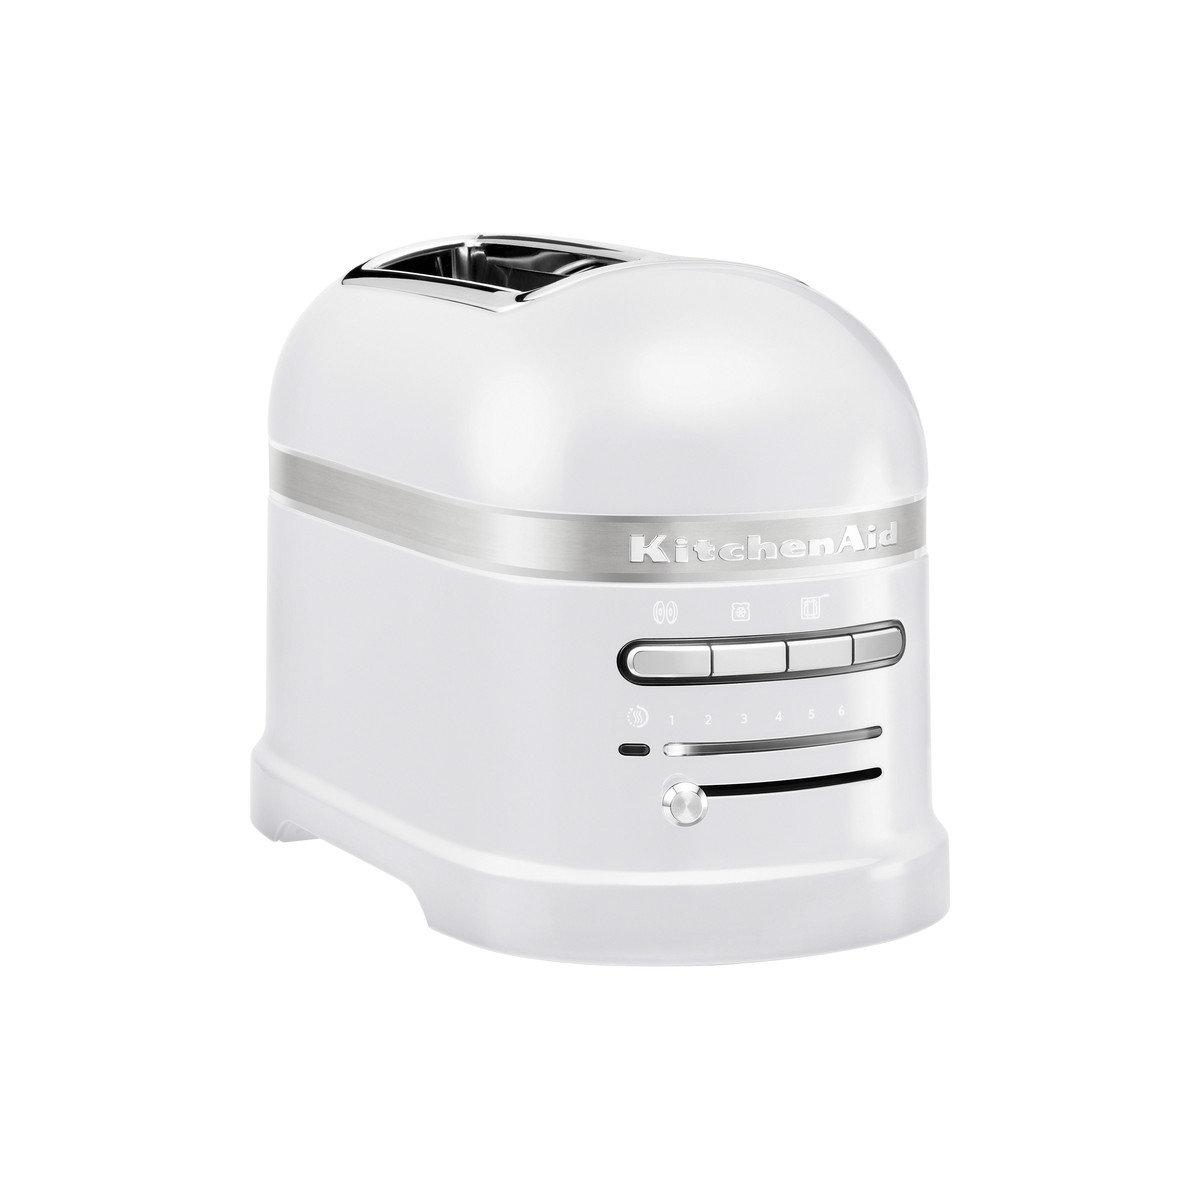 Тостер KitchenAid 5KMT2204 морозный жемчуг